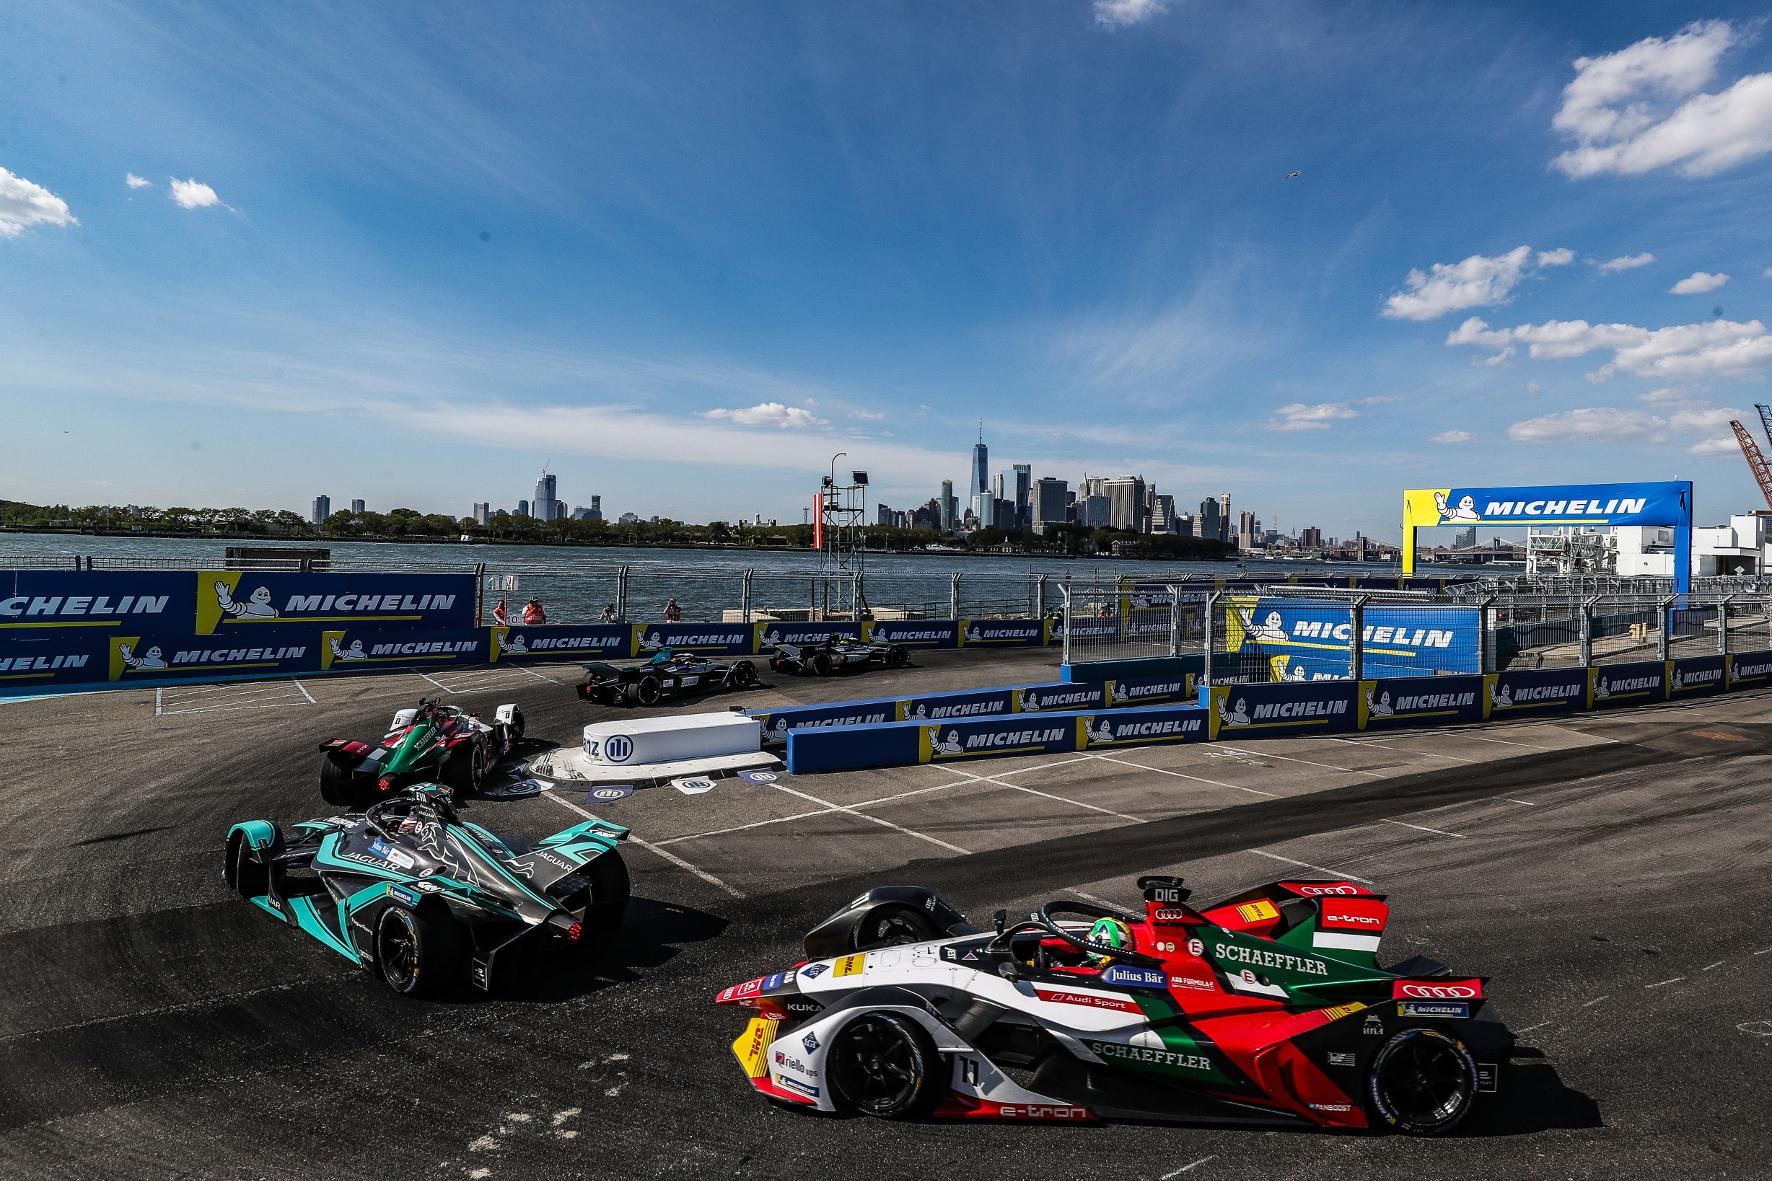 mid Groß-Gerau - Malerische Kulisse: Die Formel E bestreitet ihr Saisonfinale 2019 in New York. Audi